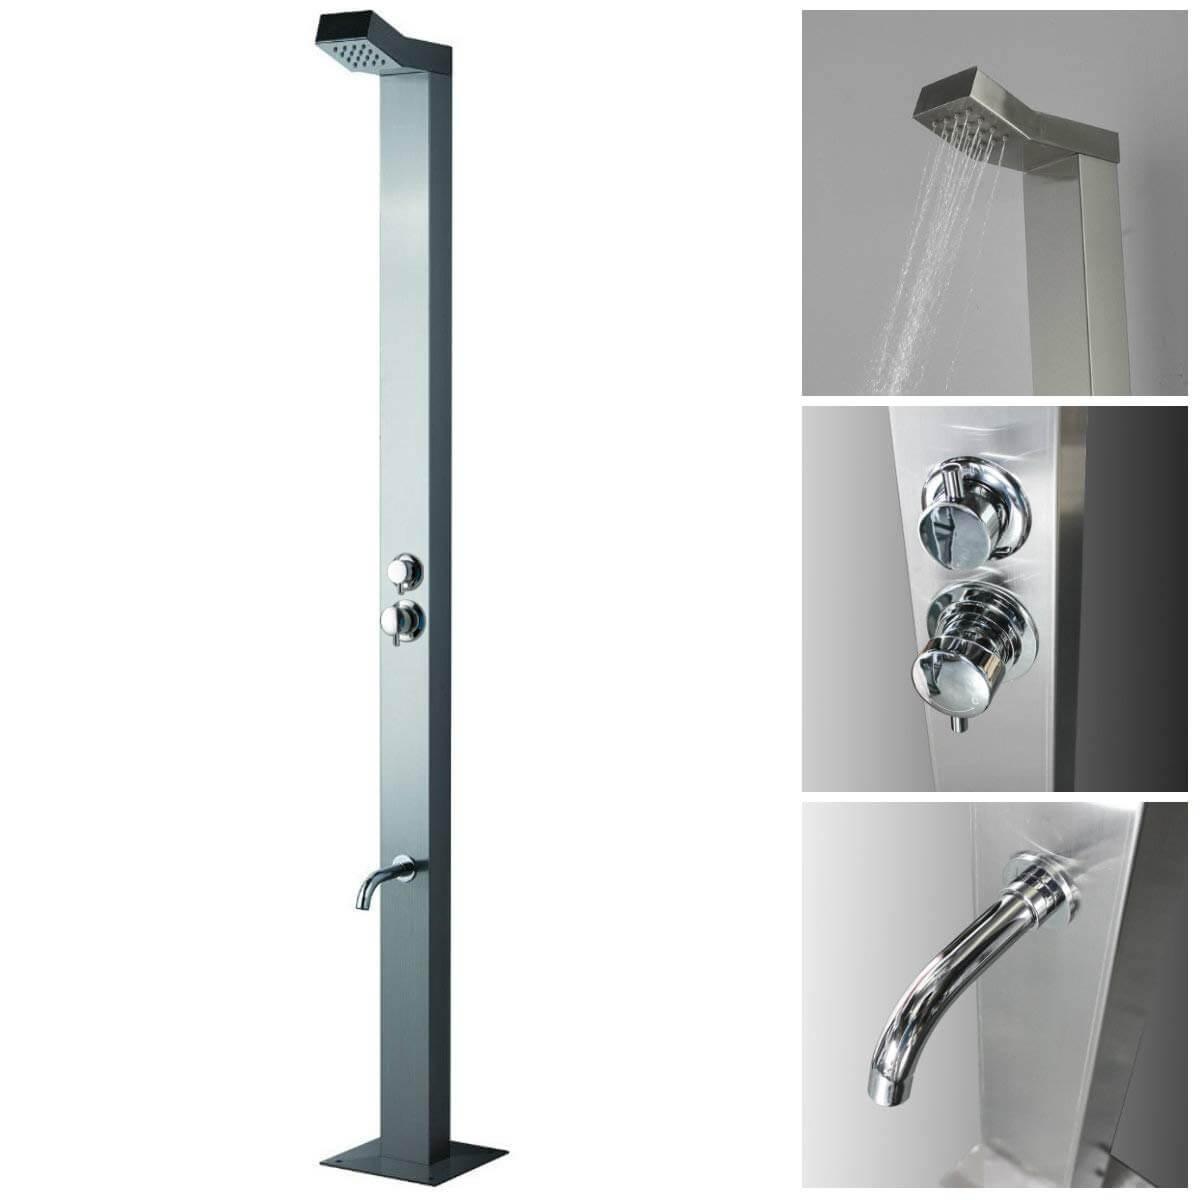 Minimalist Stainless Steel Outdoor Shower